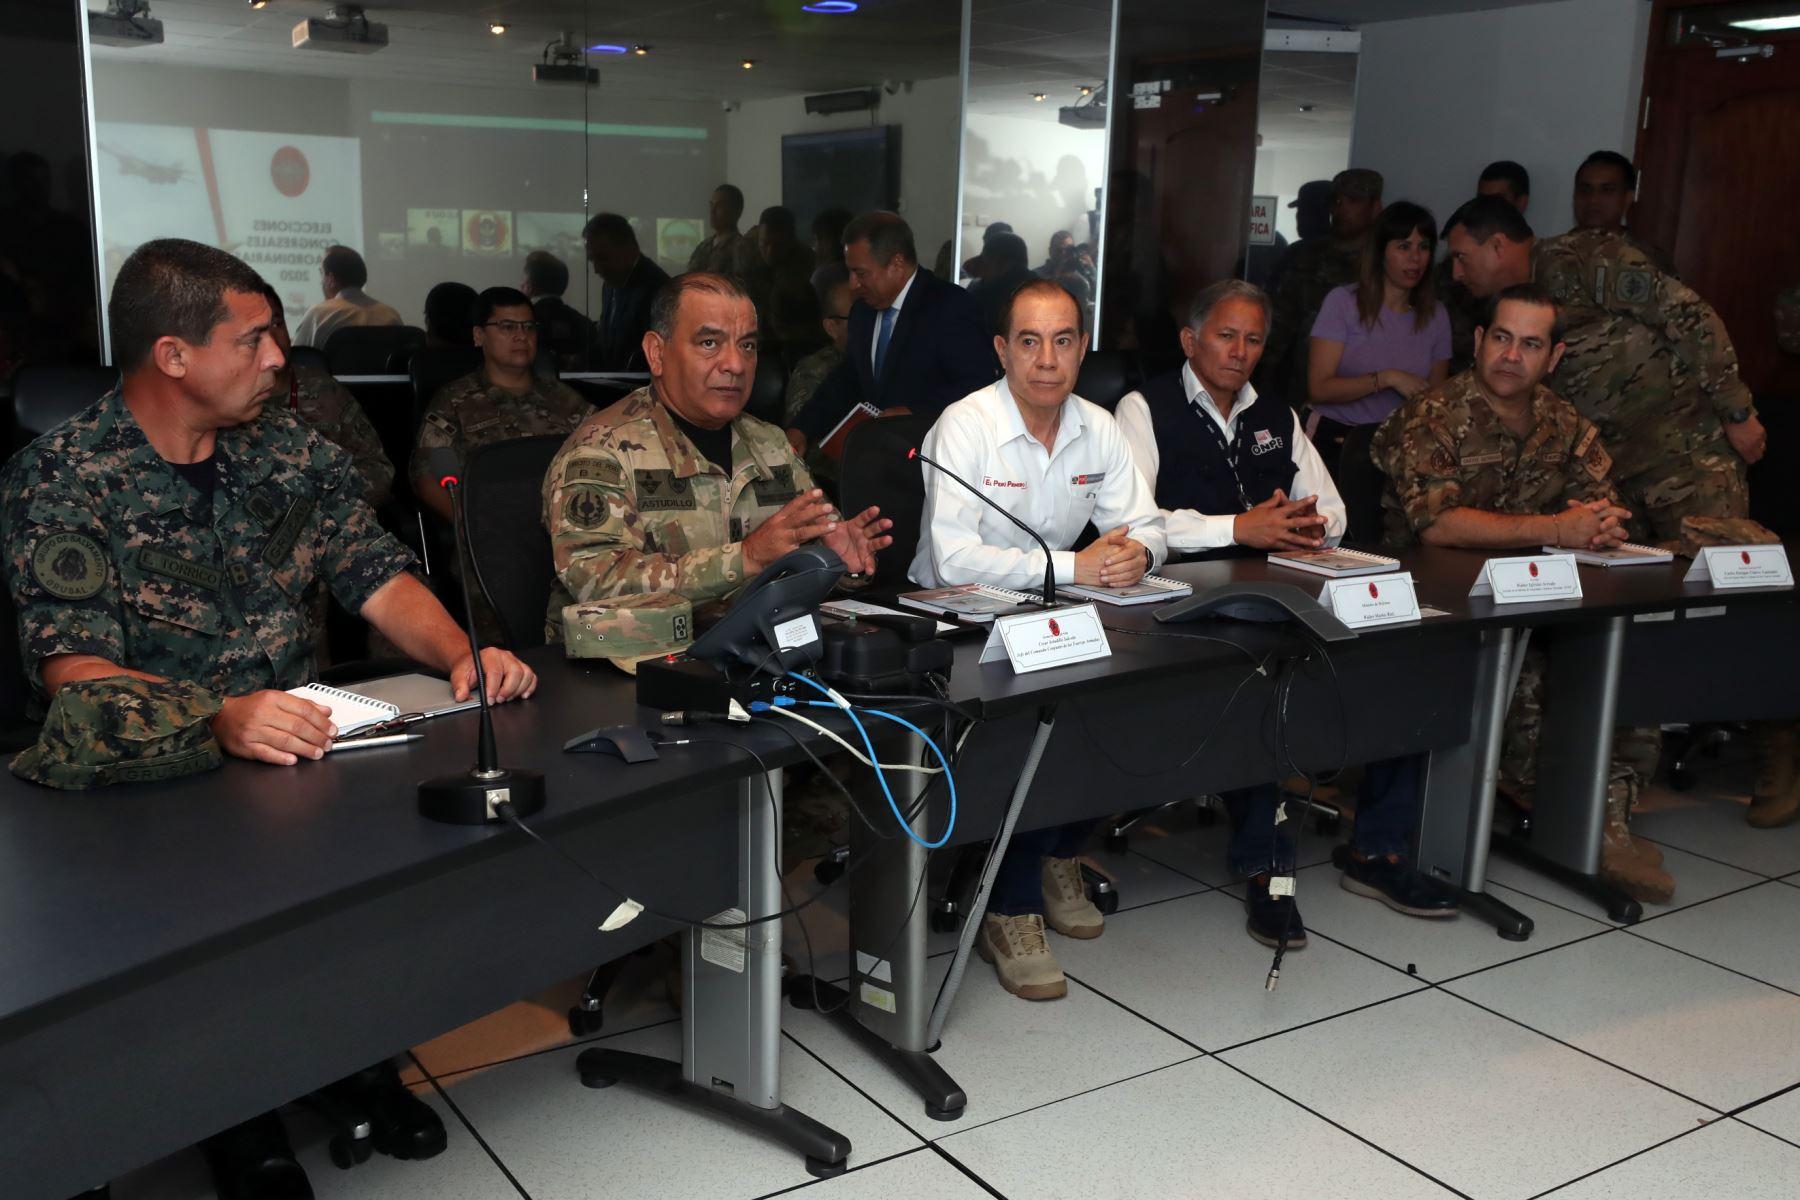 Ministro de Defensa, Walter Martos, junto al jefe del  CCFFAA, supervisa el trabajo de las Fuerzas Armadas en estas Elecciones Congresales 2020 a nivel nacional, desde el Puesto de Comando del Comando Conjunto de las Fuerzas Armadas. Foto: ANDINA/Mindef